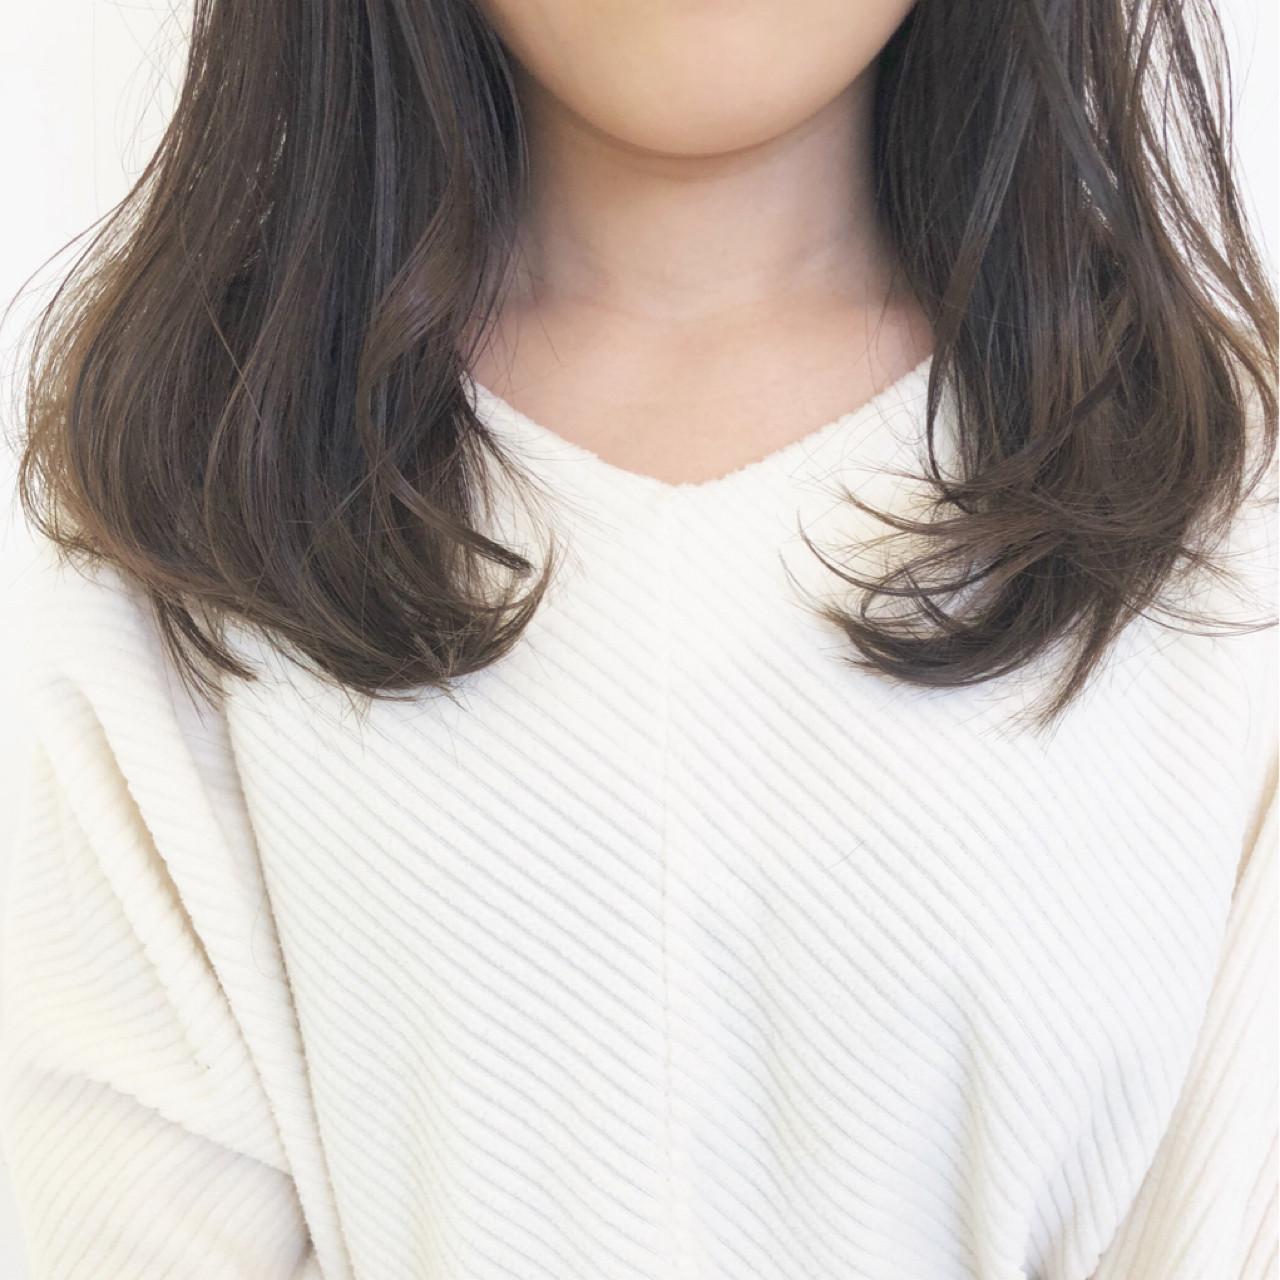 簡単ヘアアレンジ 成人式 ゆるふわ ナチュラル ヘアスタイルや髪型の写真・画像